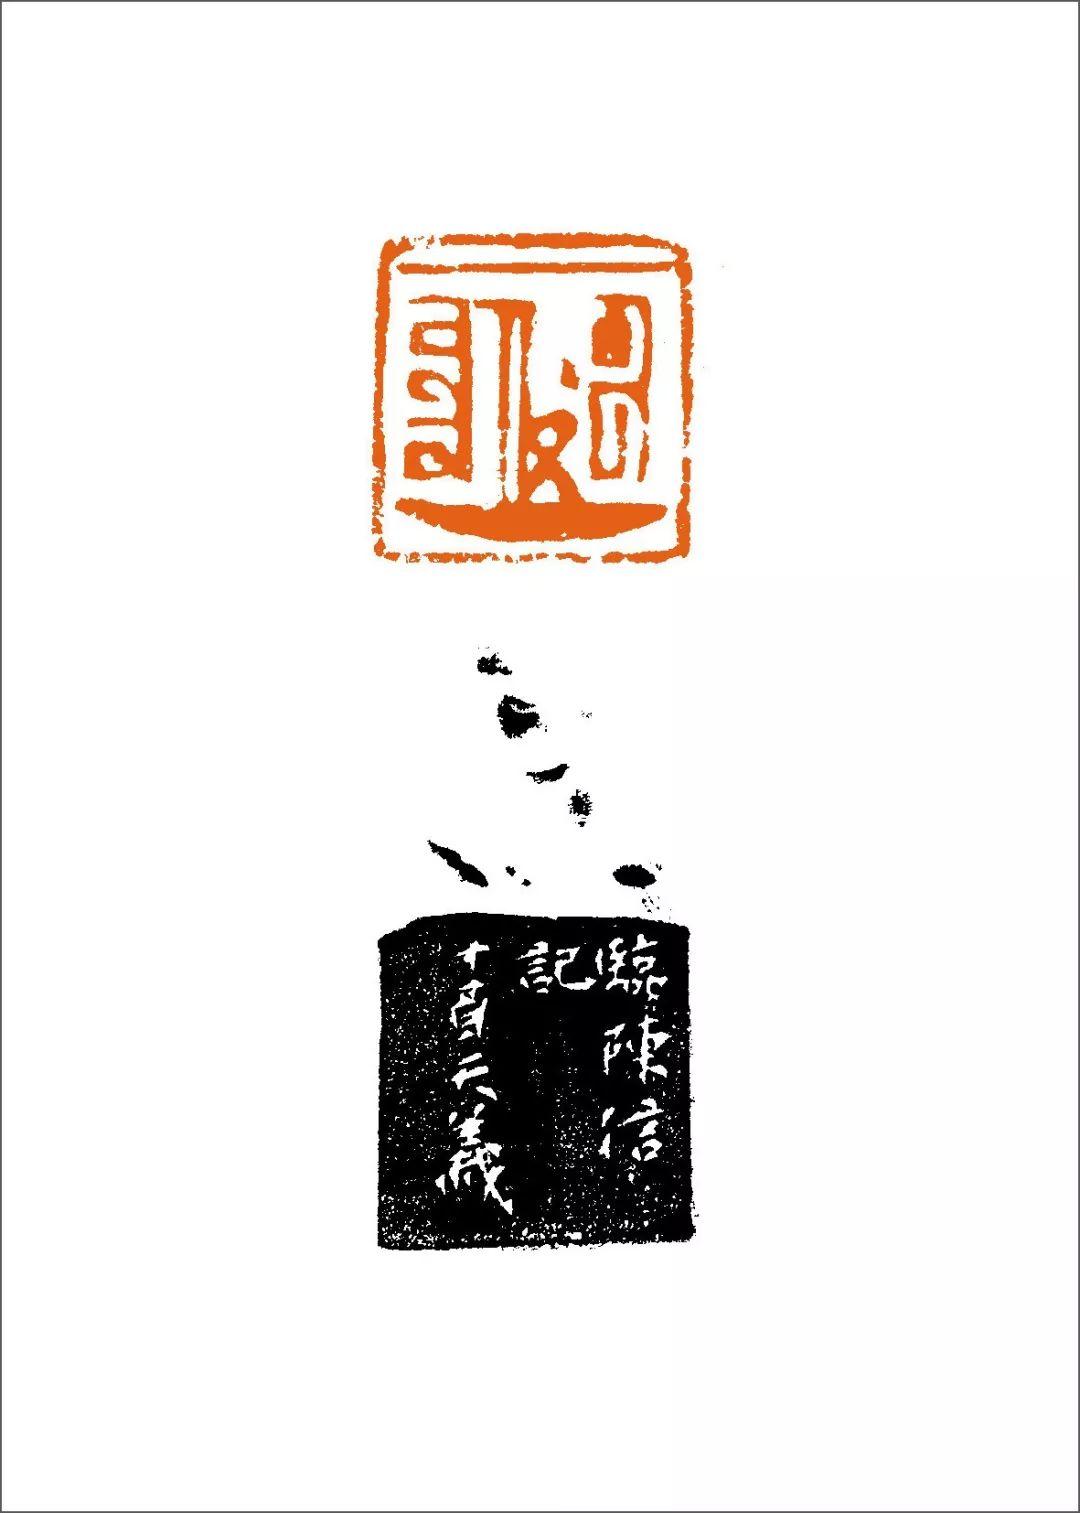 篆刻丛谈:八思巴文篆刻原石赏析 第59张